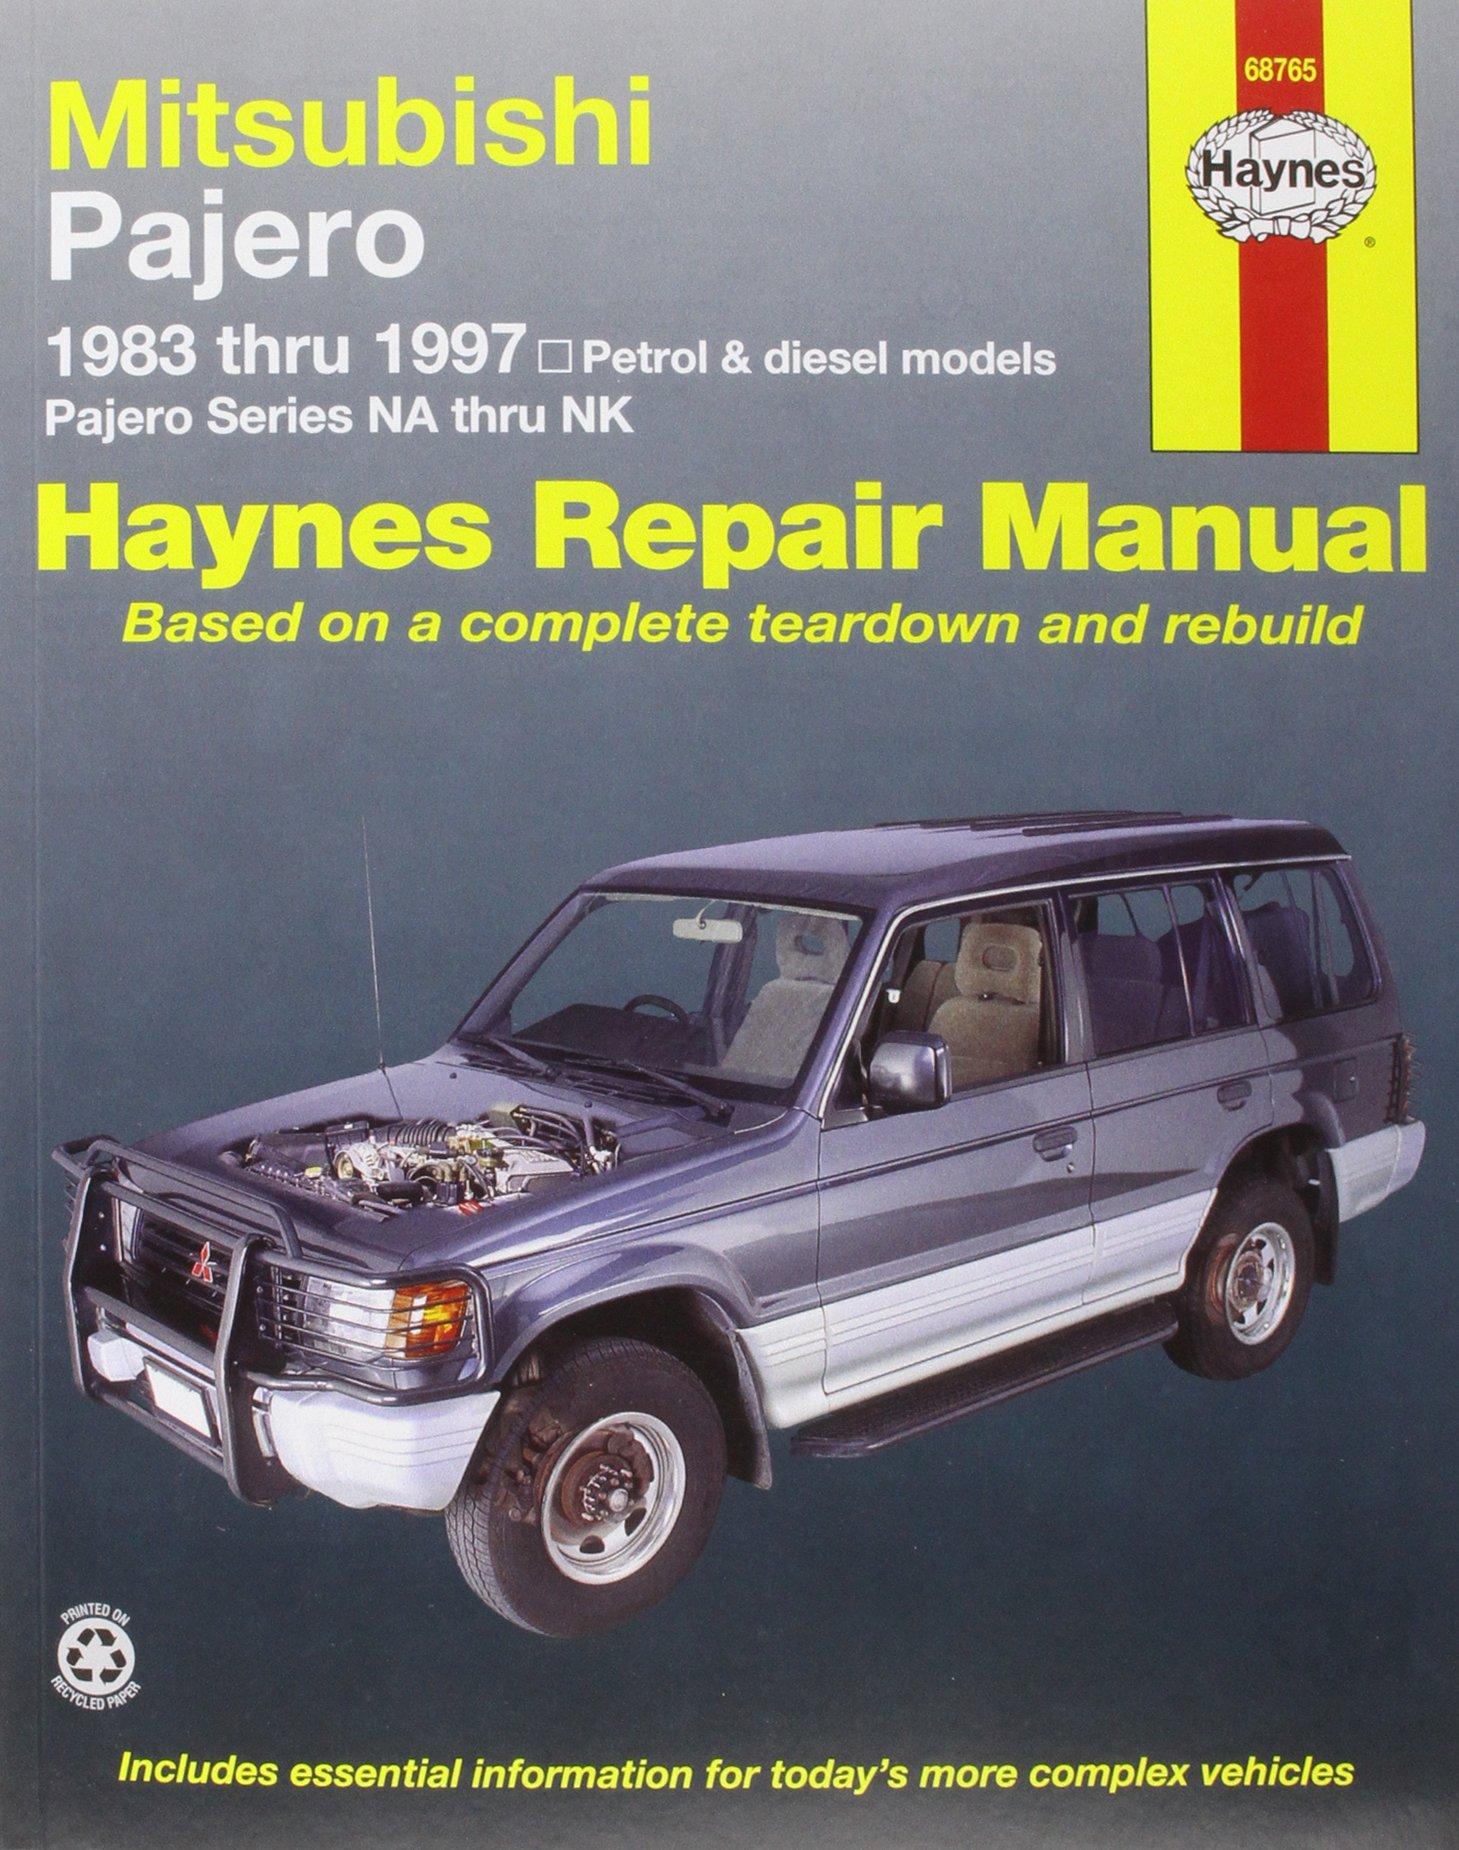 Mitsubishi Pajero Petrol & Diesel 83-97: VV.AA.: 9781563929823: Amazon.com:  Books